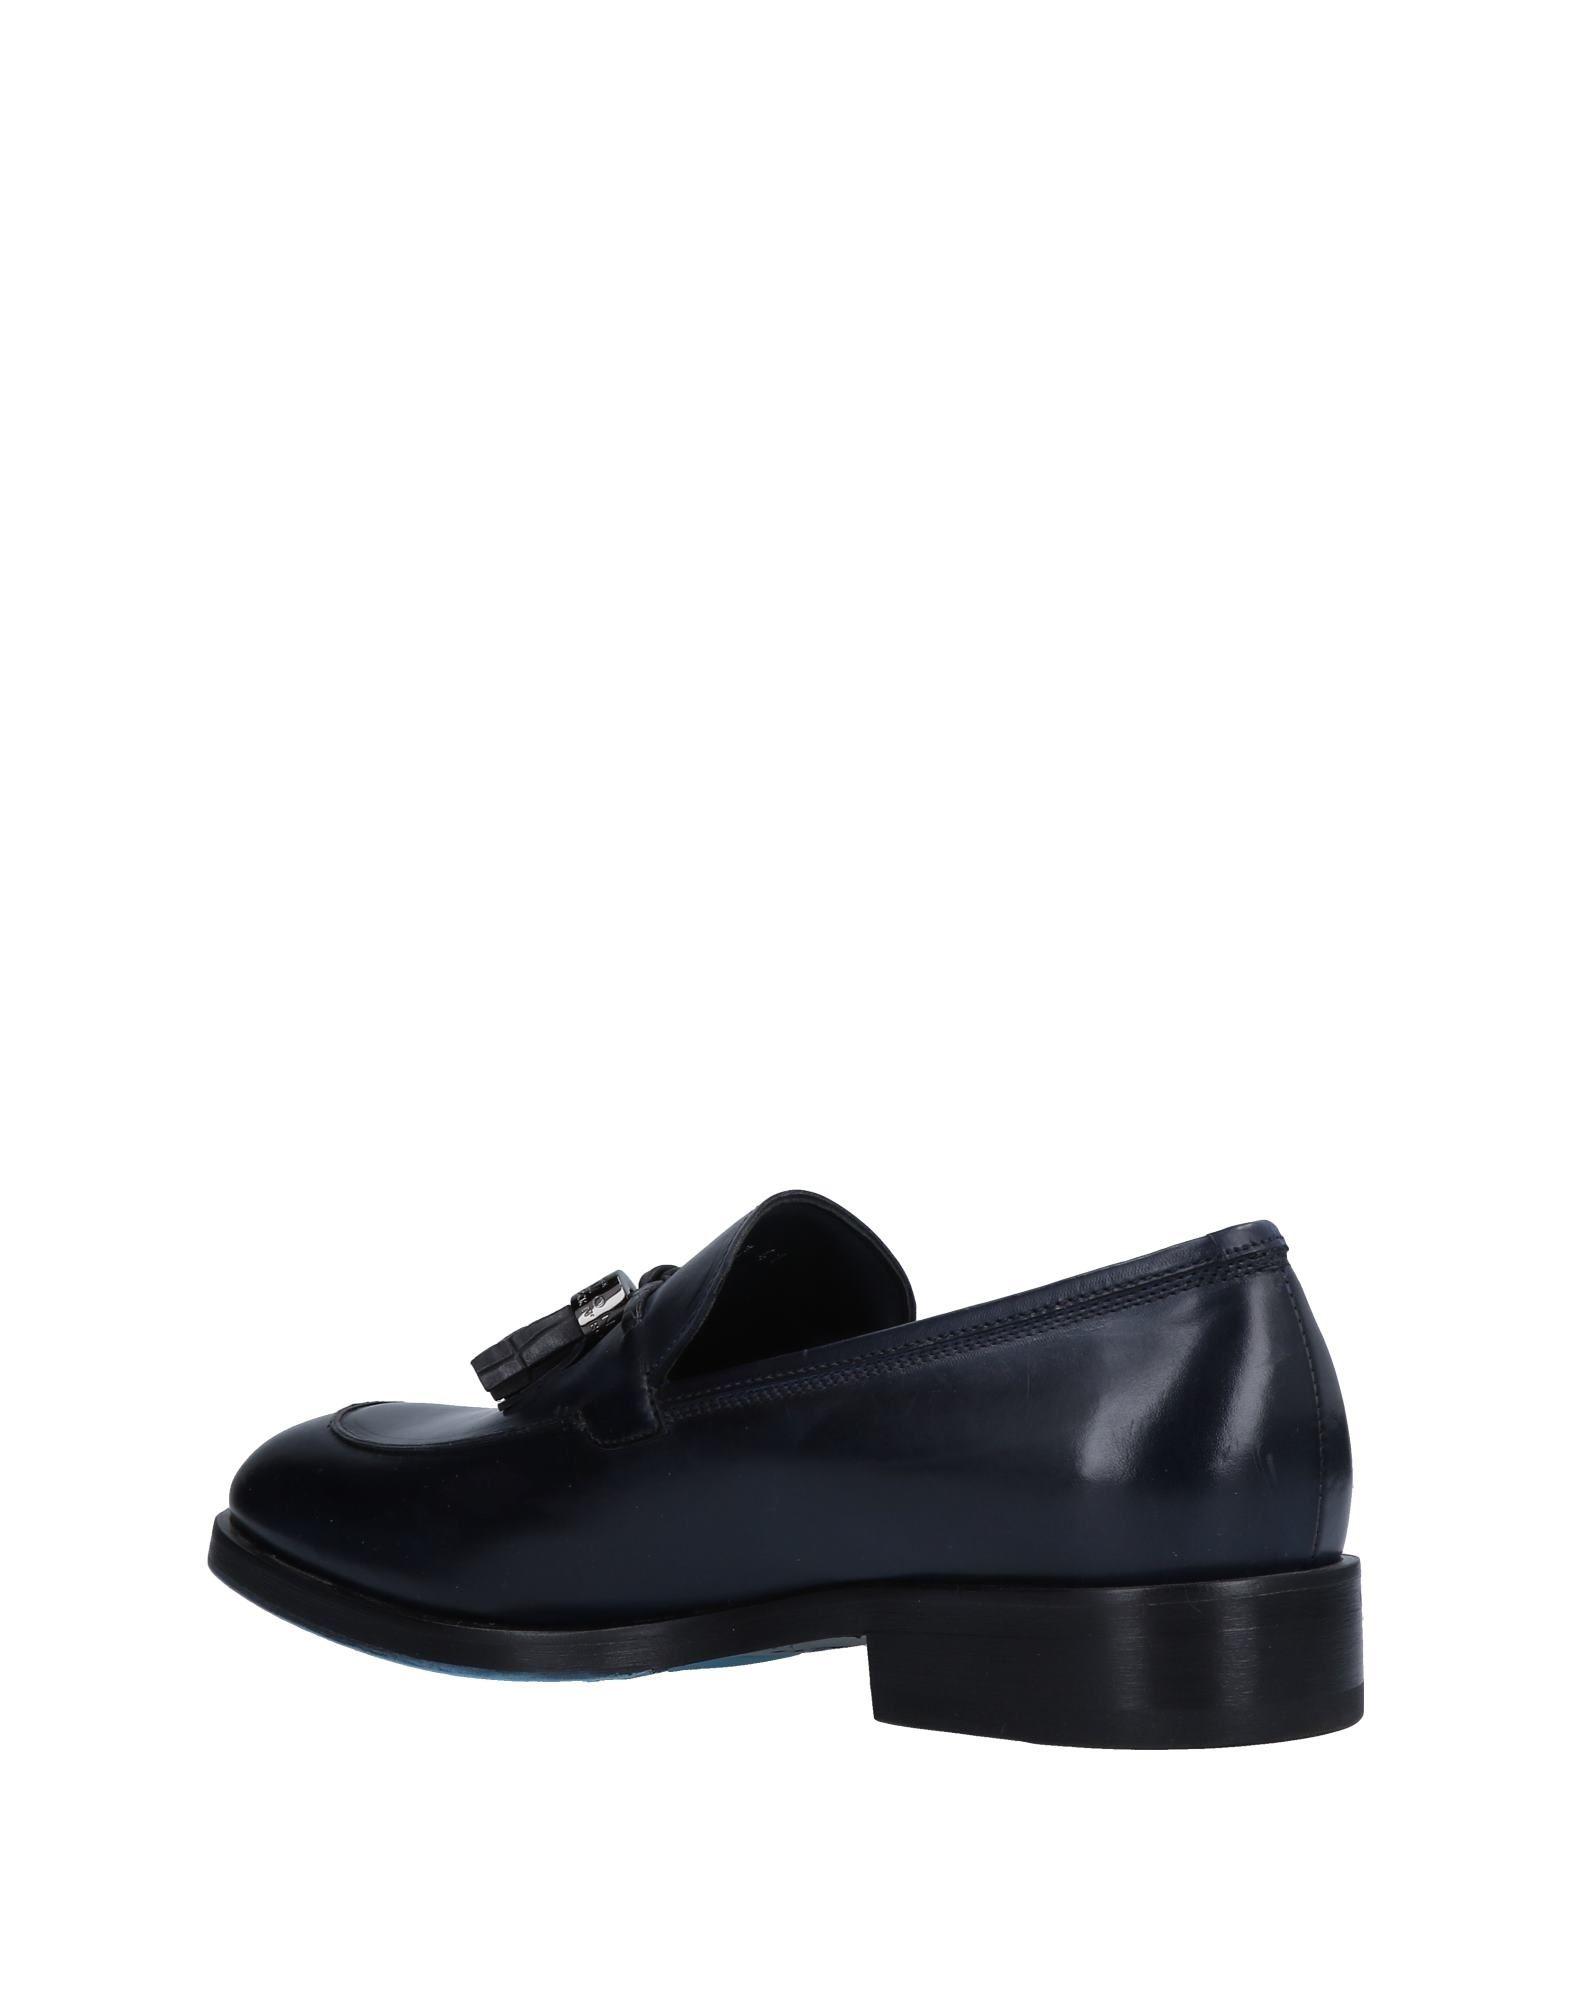 John Richmond Mokassins Qualität Herren  11516900SL Gute Qualität Mokassins beliebte Schuhe e11bca